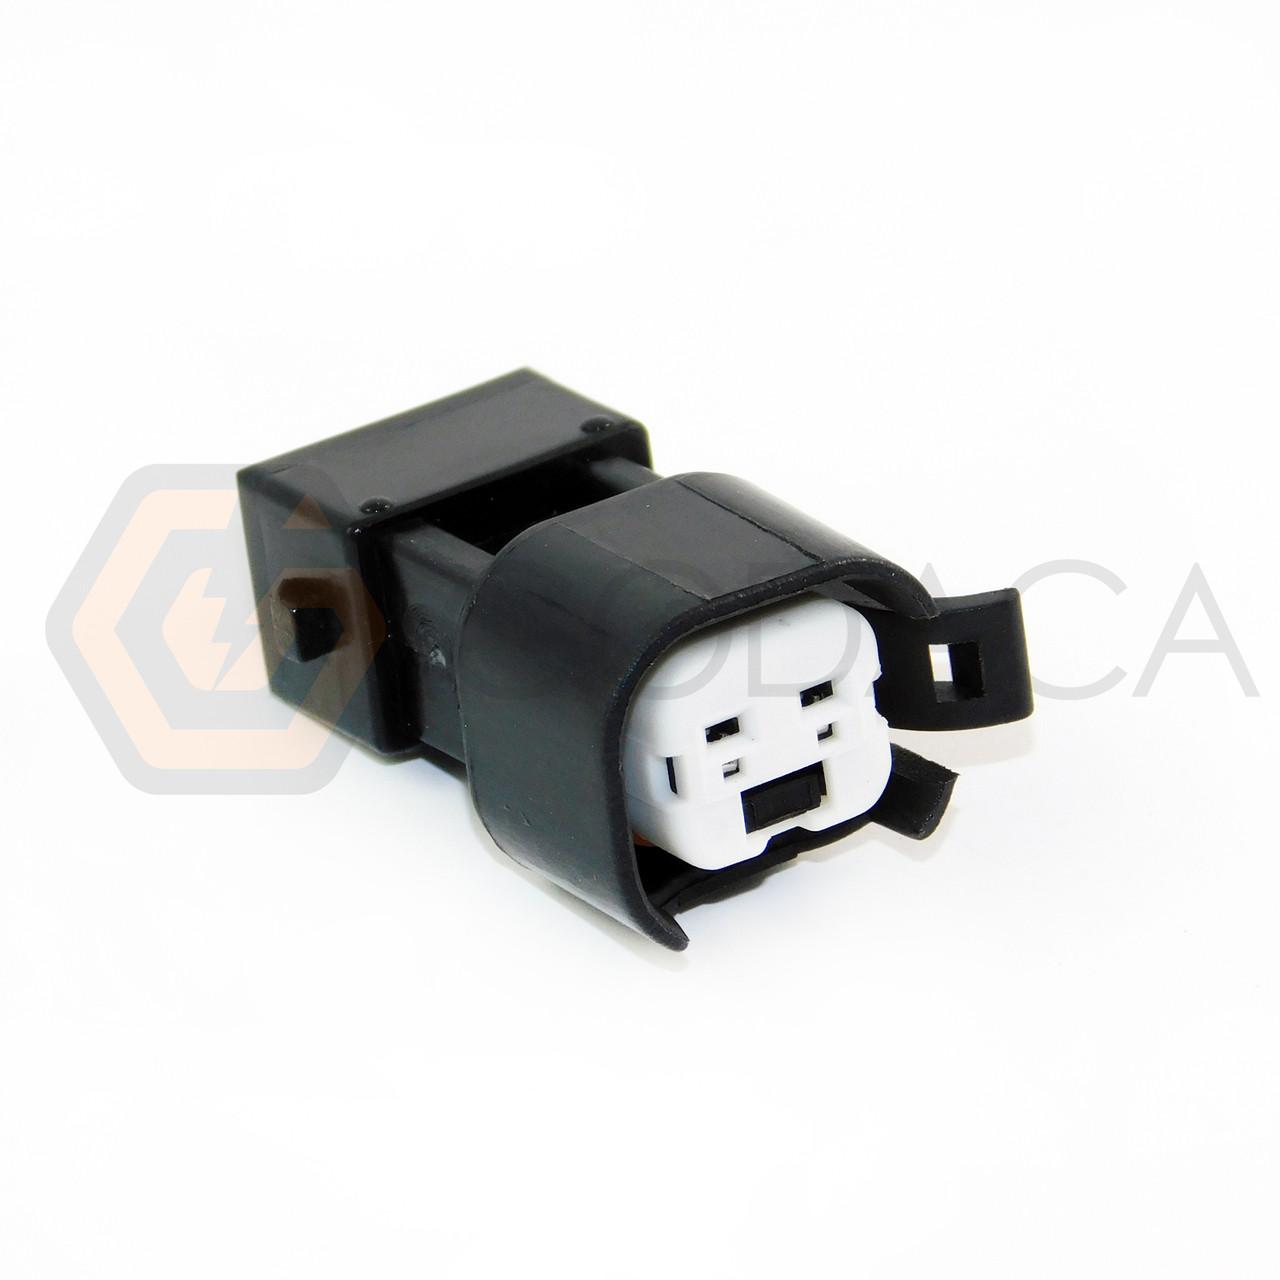 1x connector injector adapters ev1 ev6 ls1 ls6 lt1 ls2 ls3 ls7 plug and play godaca llc  [ 1280 x 1280 Pixel ]